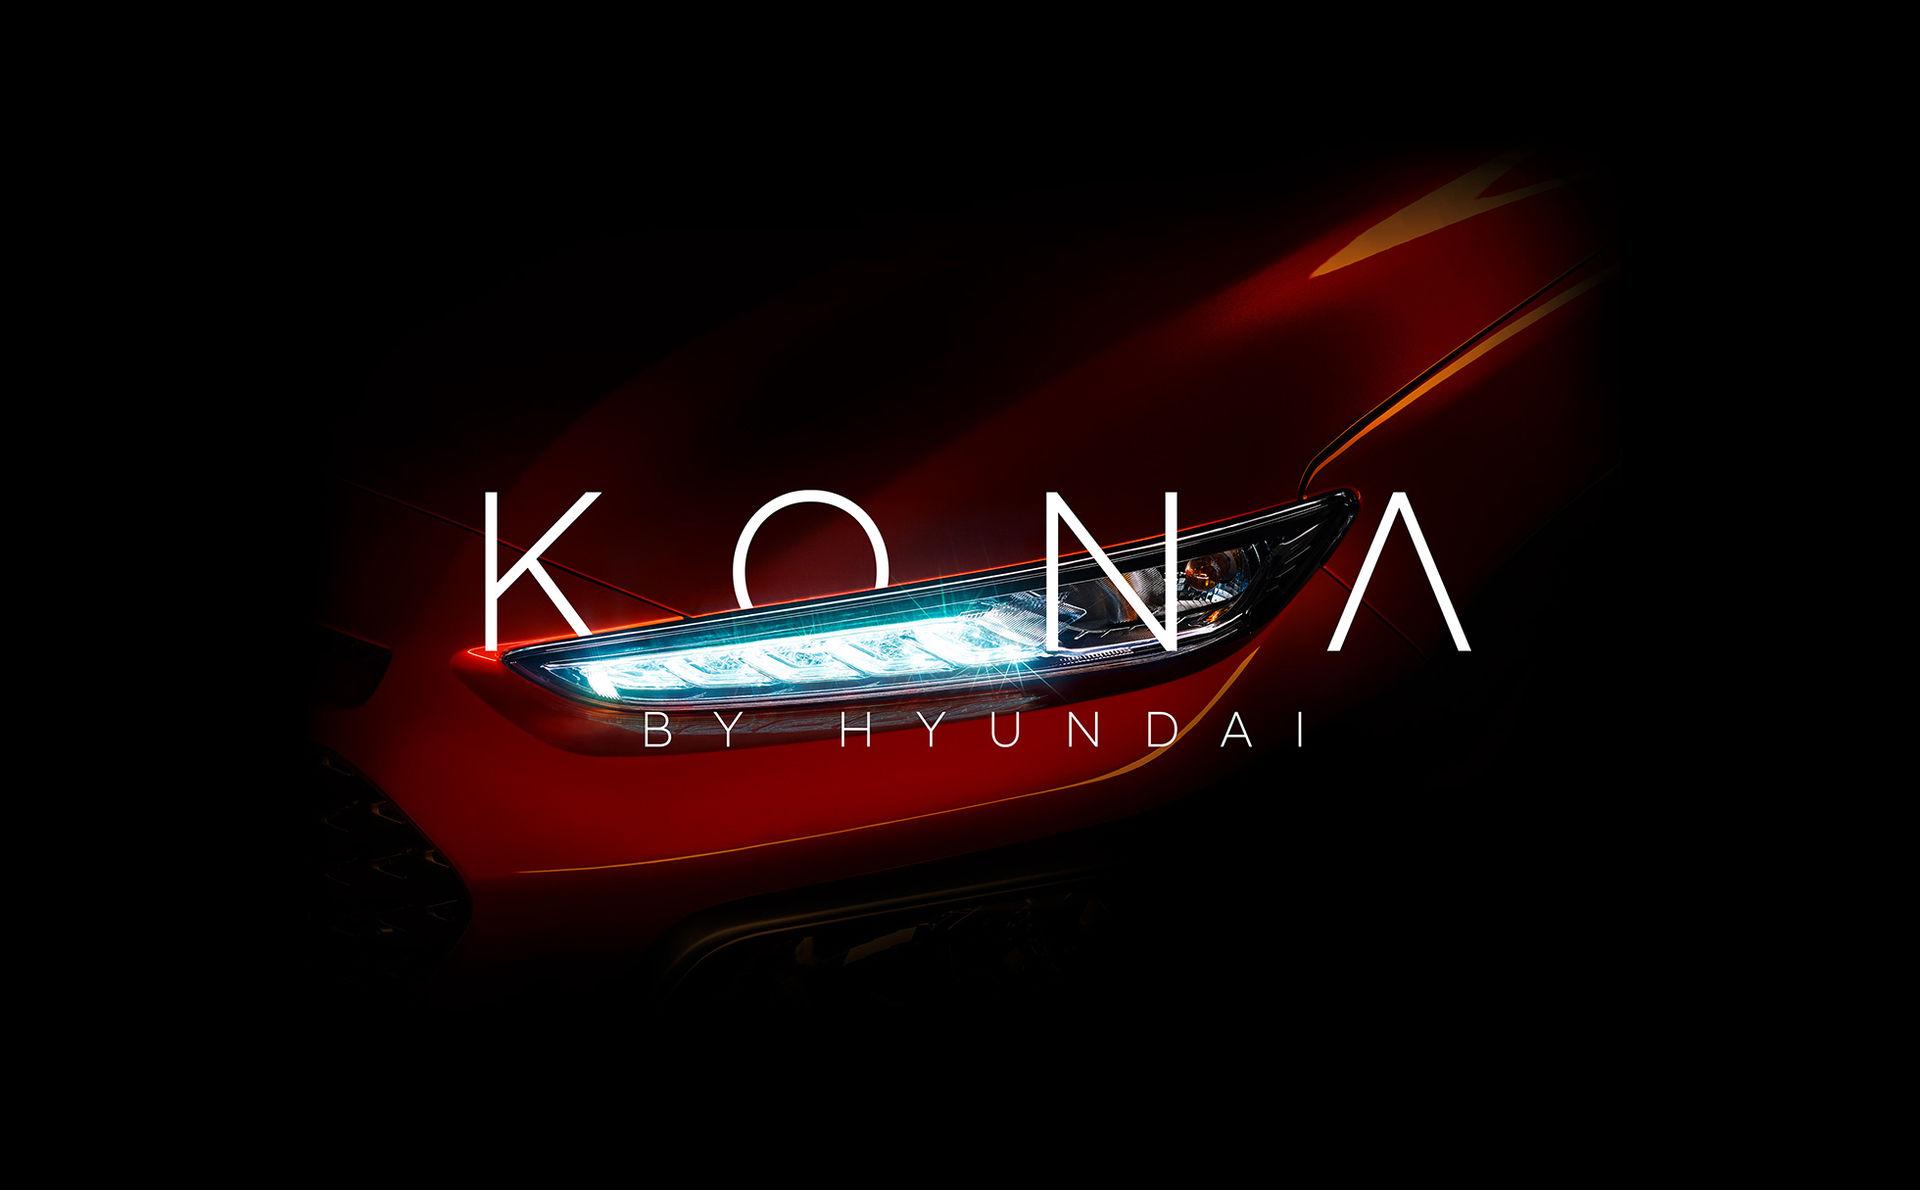 Kona är namnet på Hyundais nya SUV